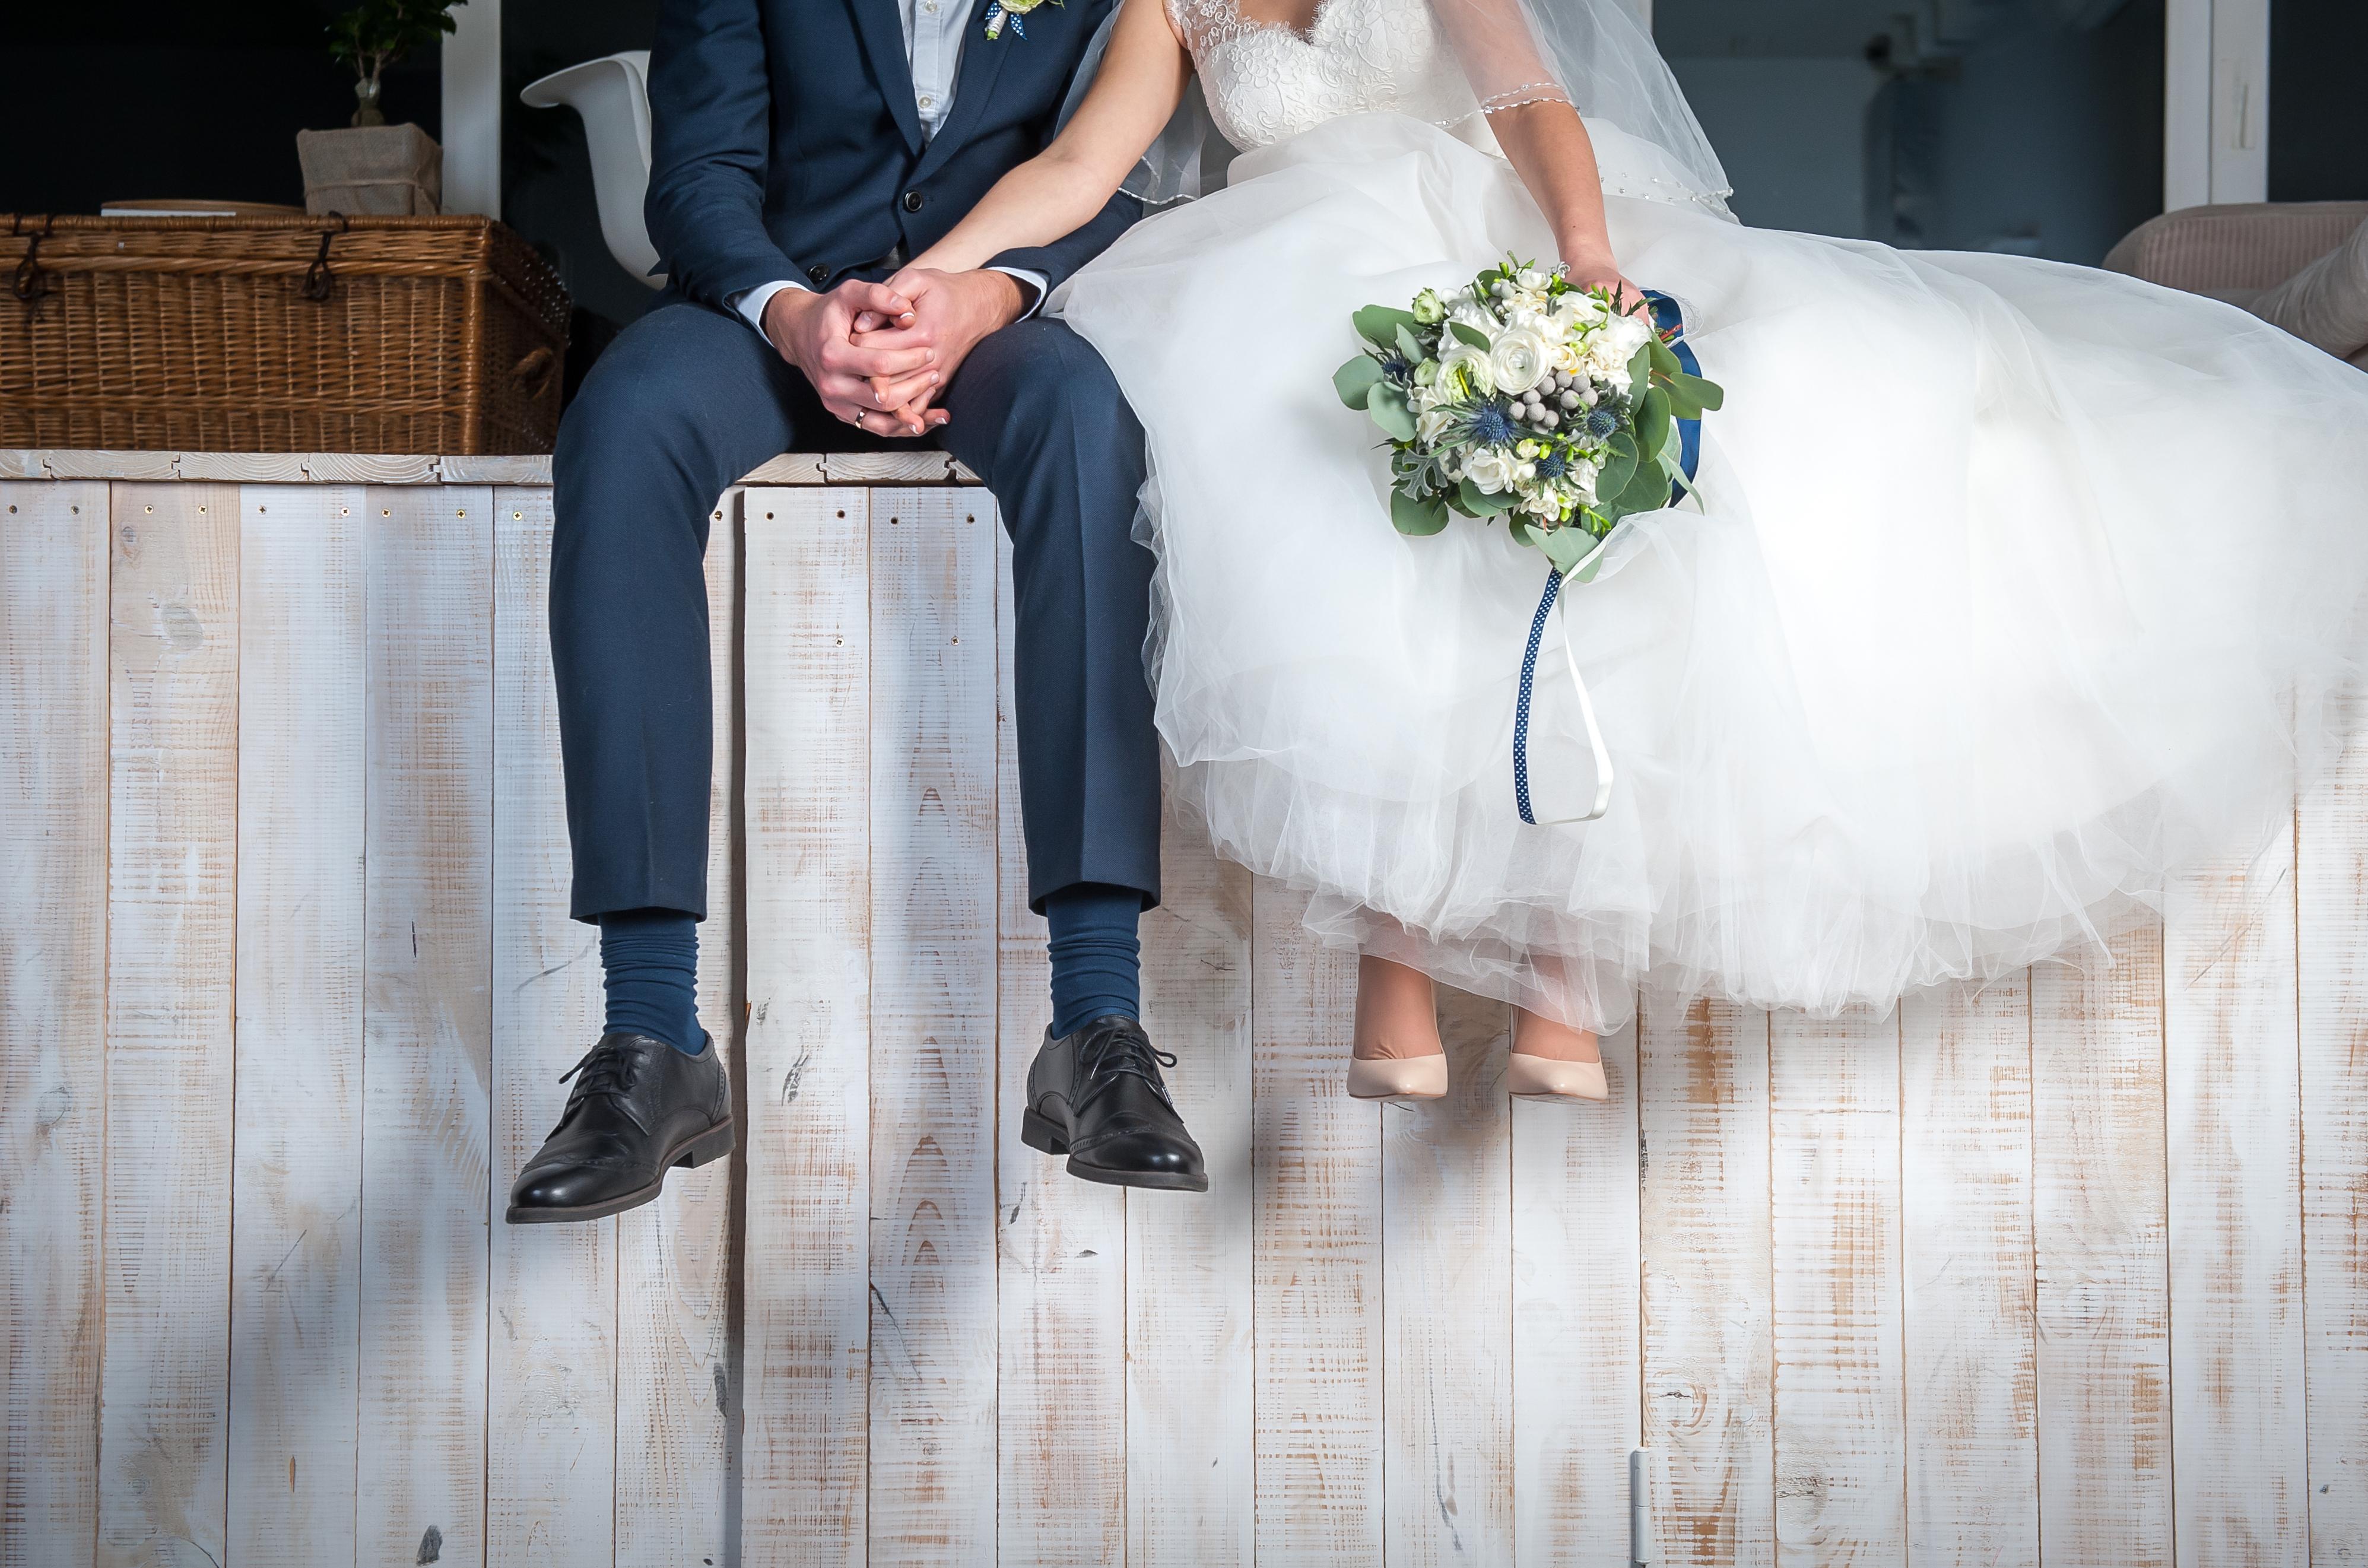 ナシ婚でいい?結婚式しないと〇%で離婚?結婚式の必要性について今一度考えよう で紹介している画像